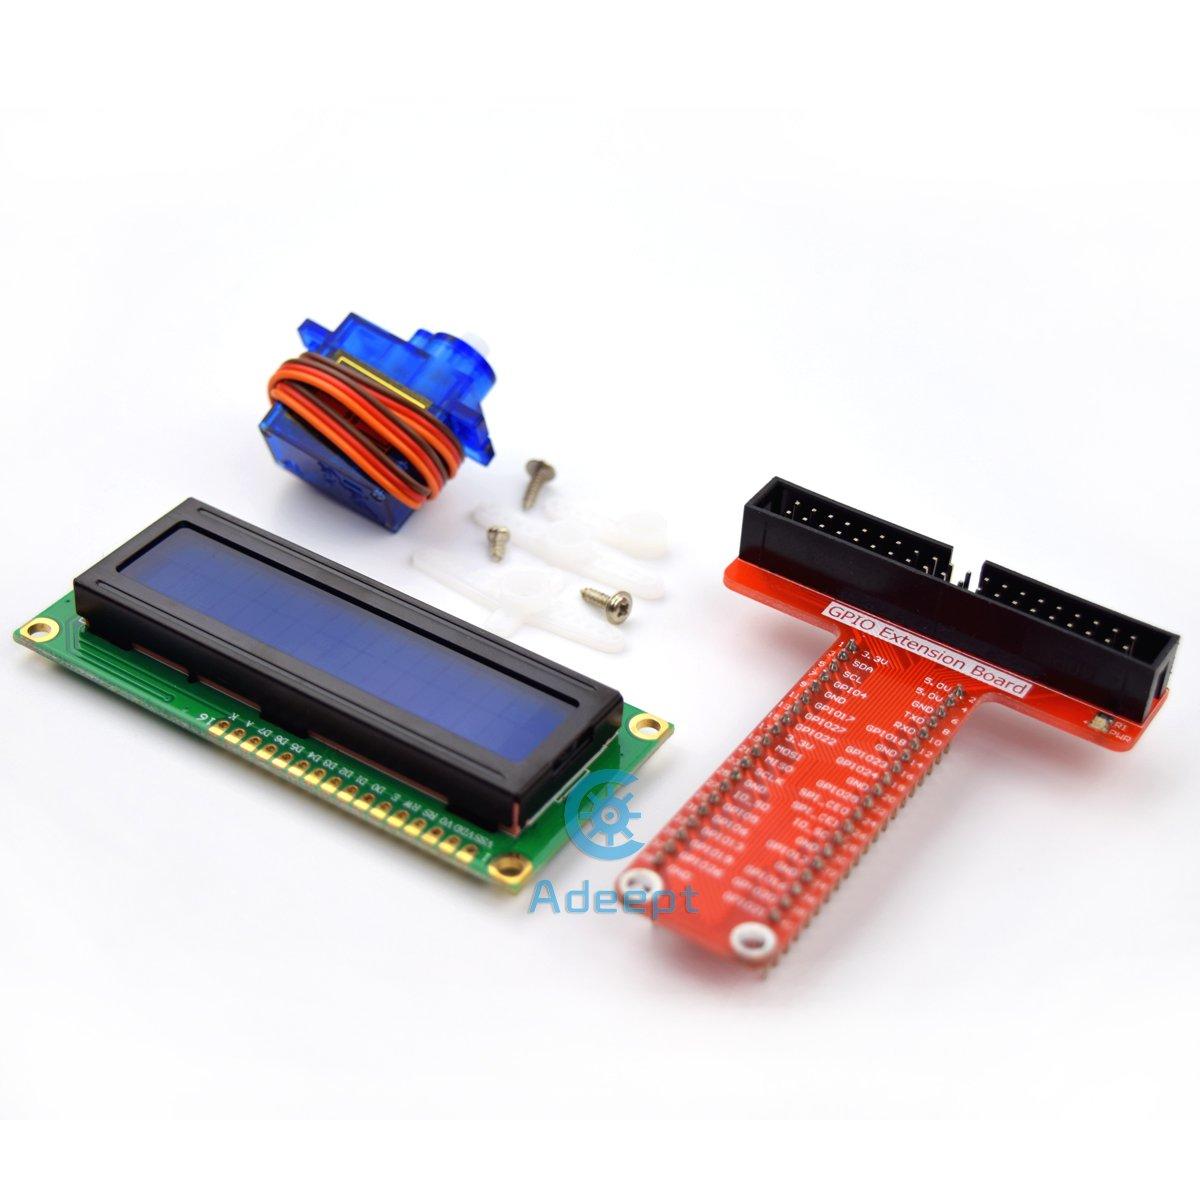 Adeept Super Starter Kit For Raspberry Pi 3 2 Model B Lcd1602 Wiringpi Blink C Servo Motor And Python Code Beginner With User Manual Guidebook